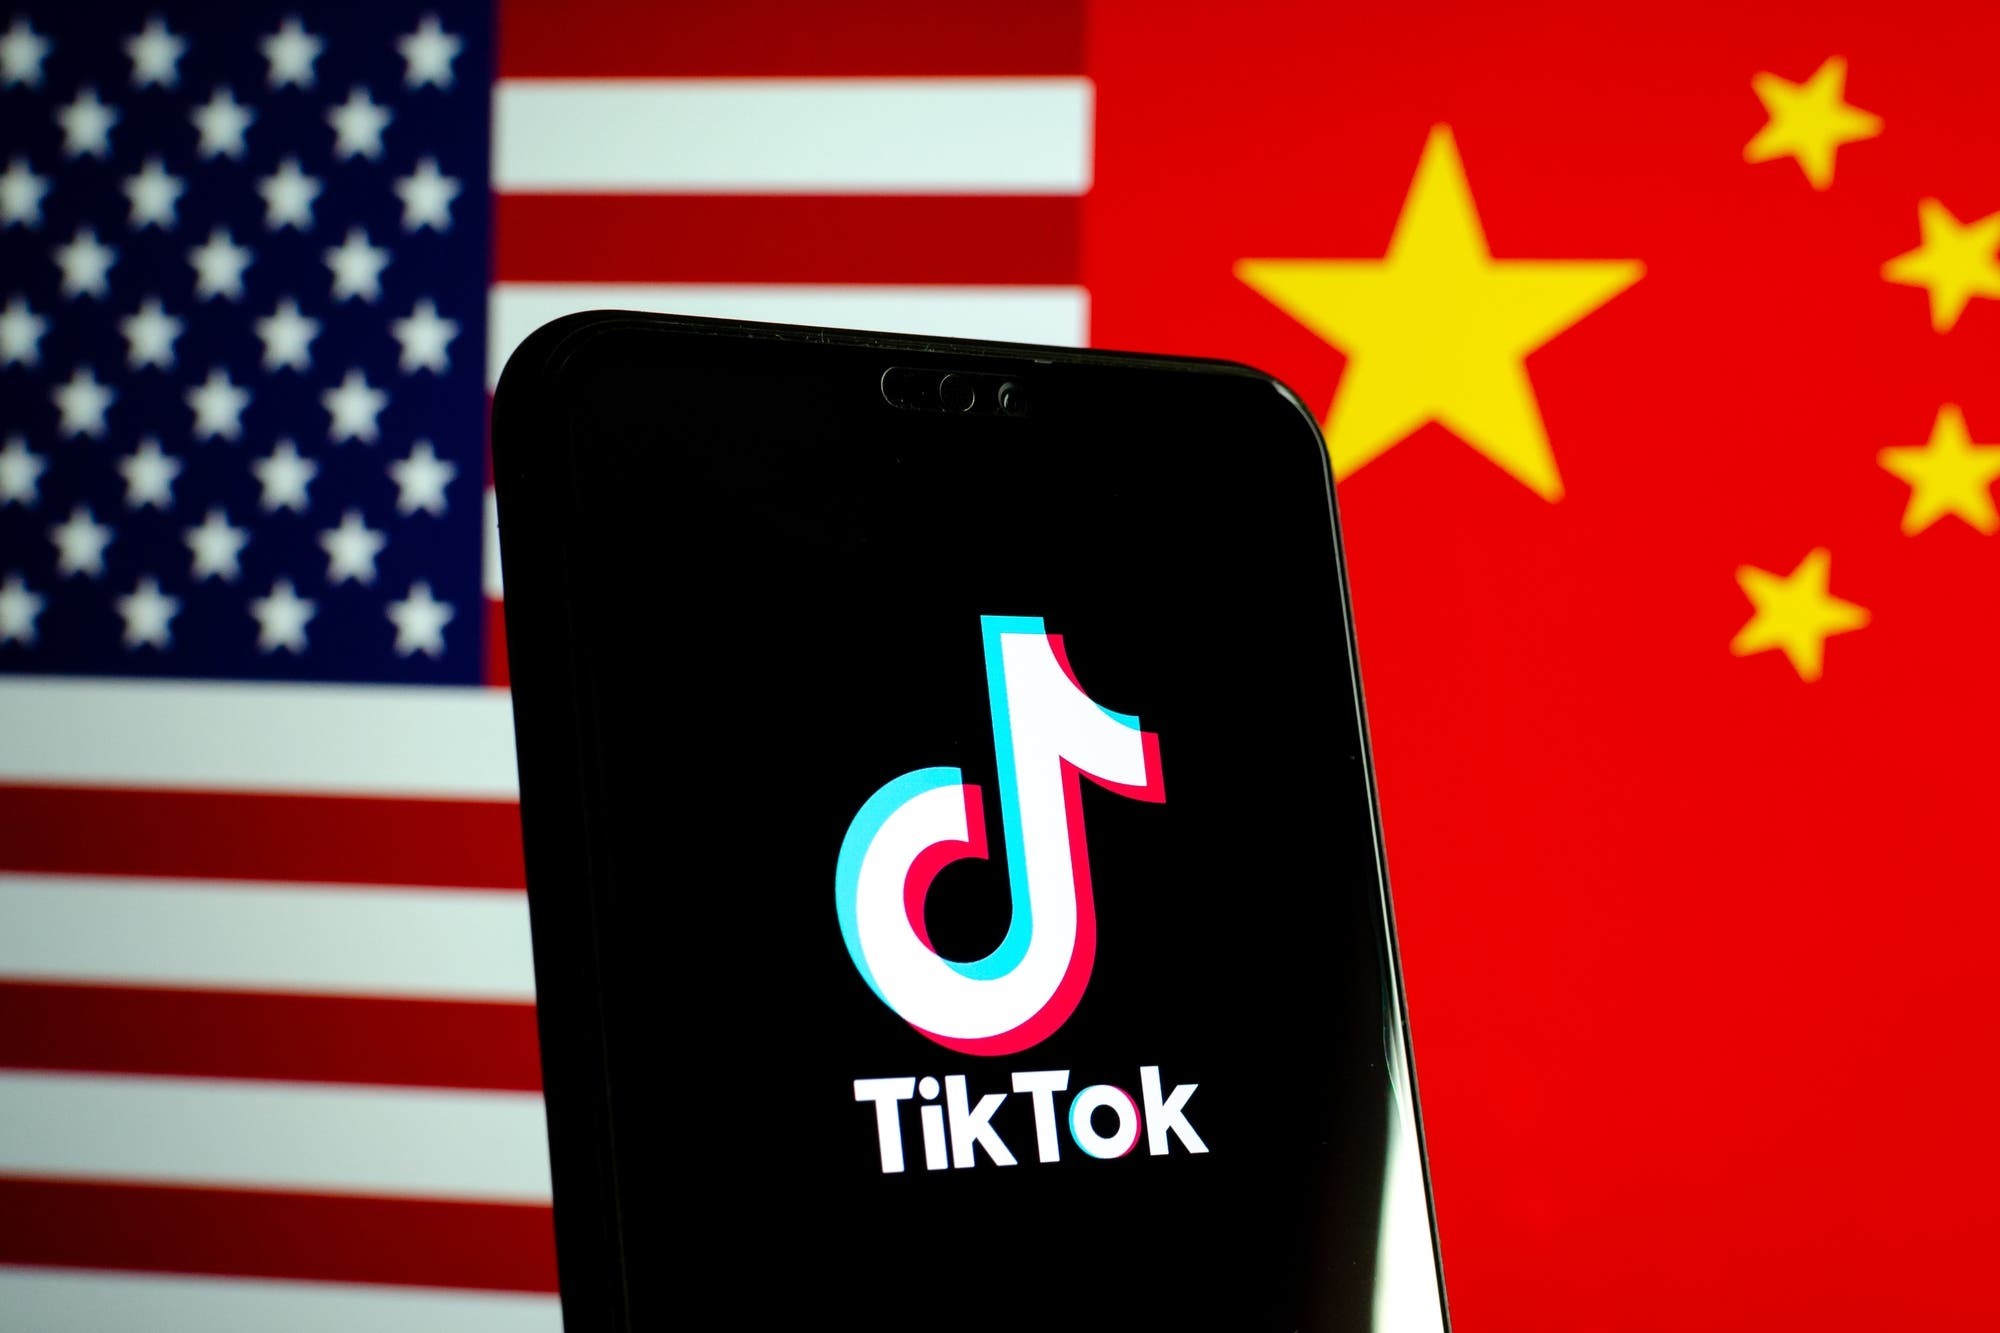 TikTok: su futuro se mantiene en suspenso, entre Washington y Pekín